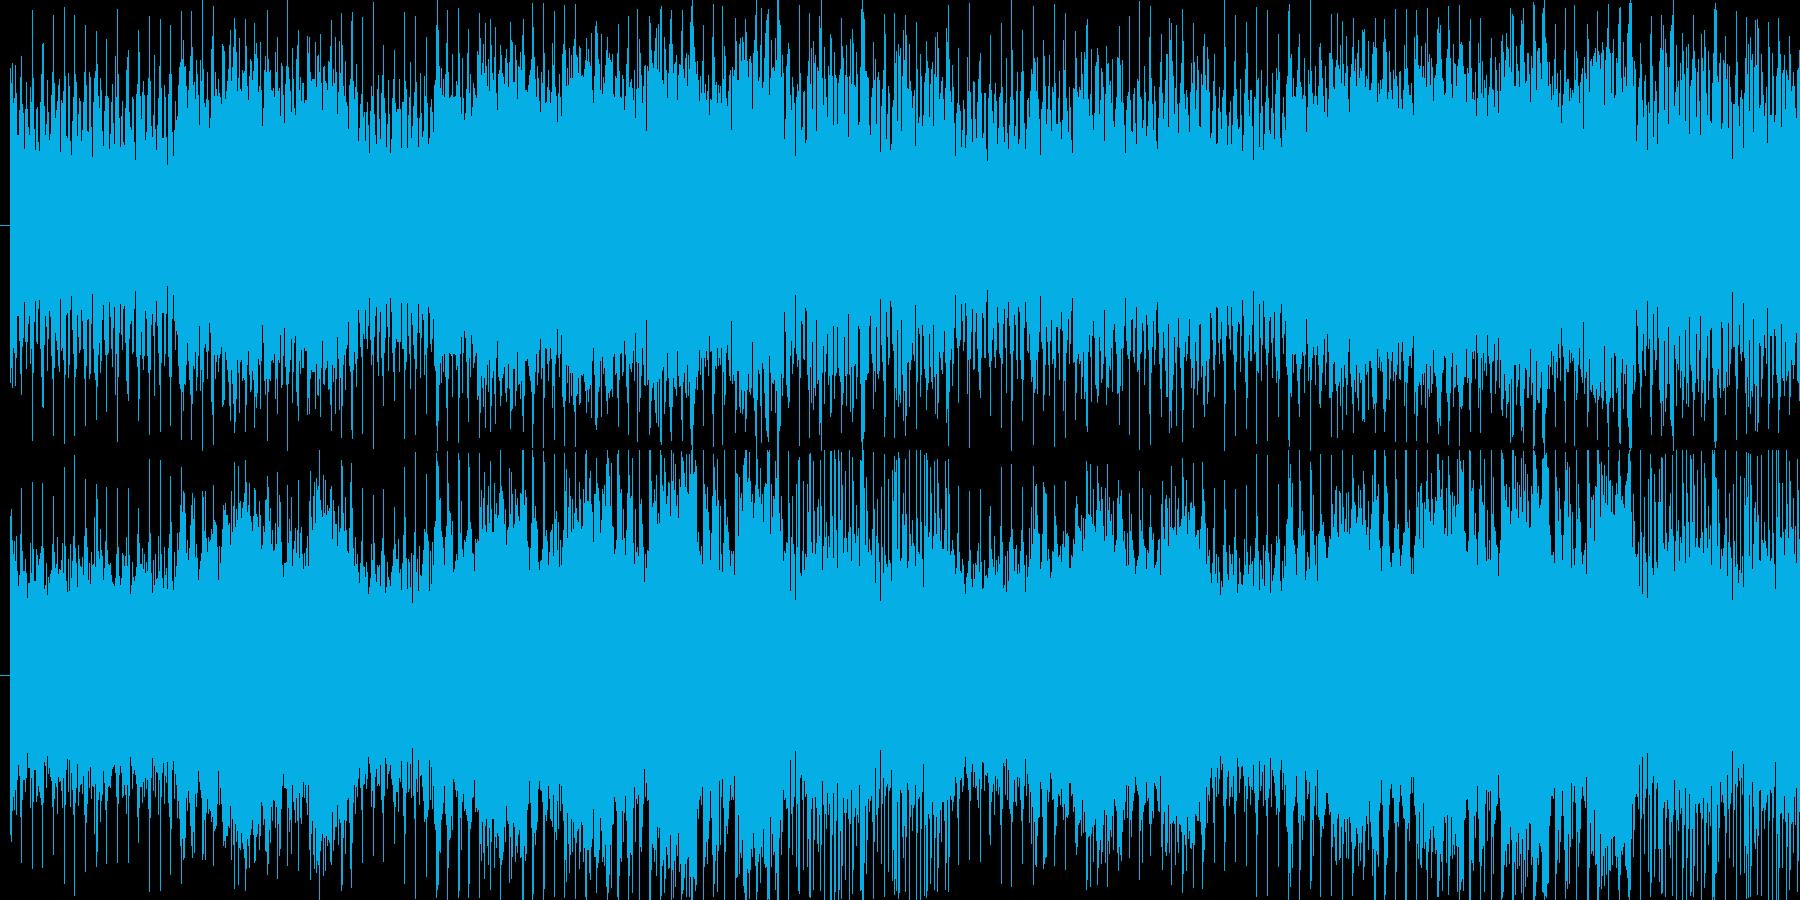 パワフルで神秘的なゲーム音楽の再生済みの波形